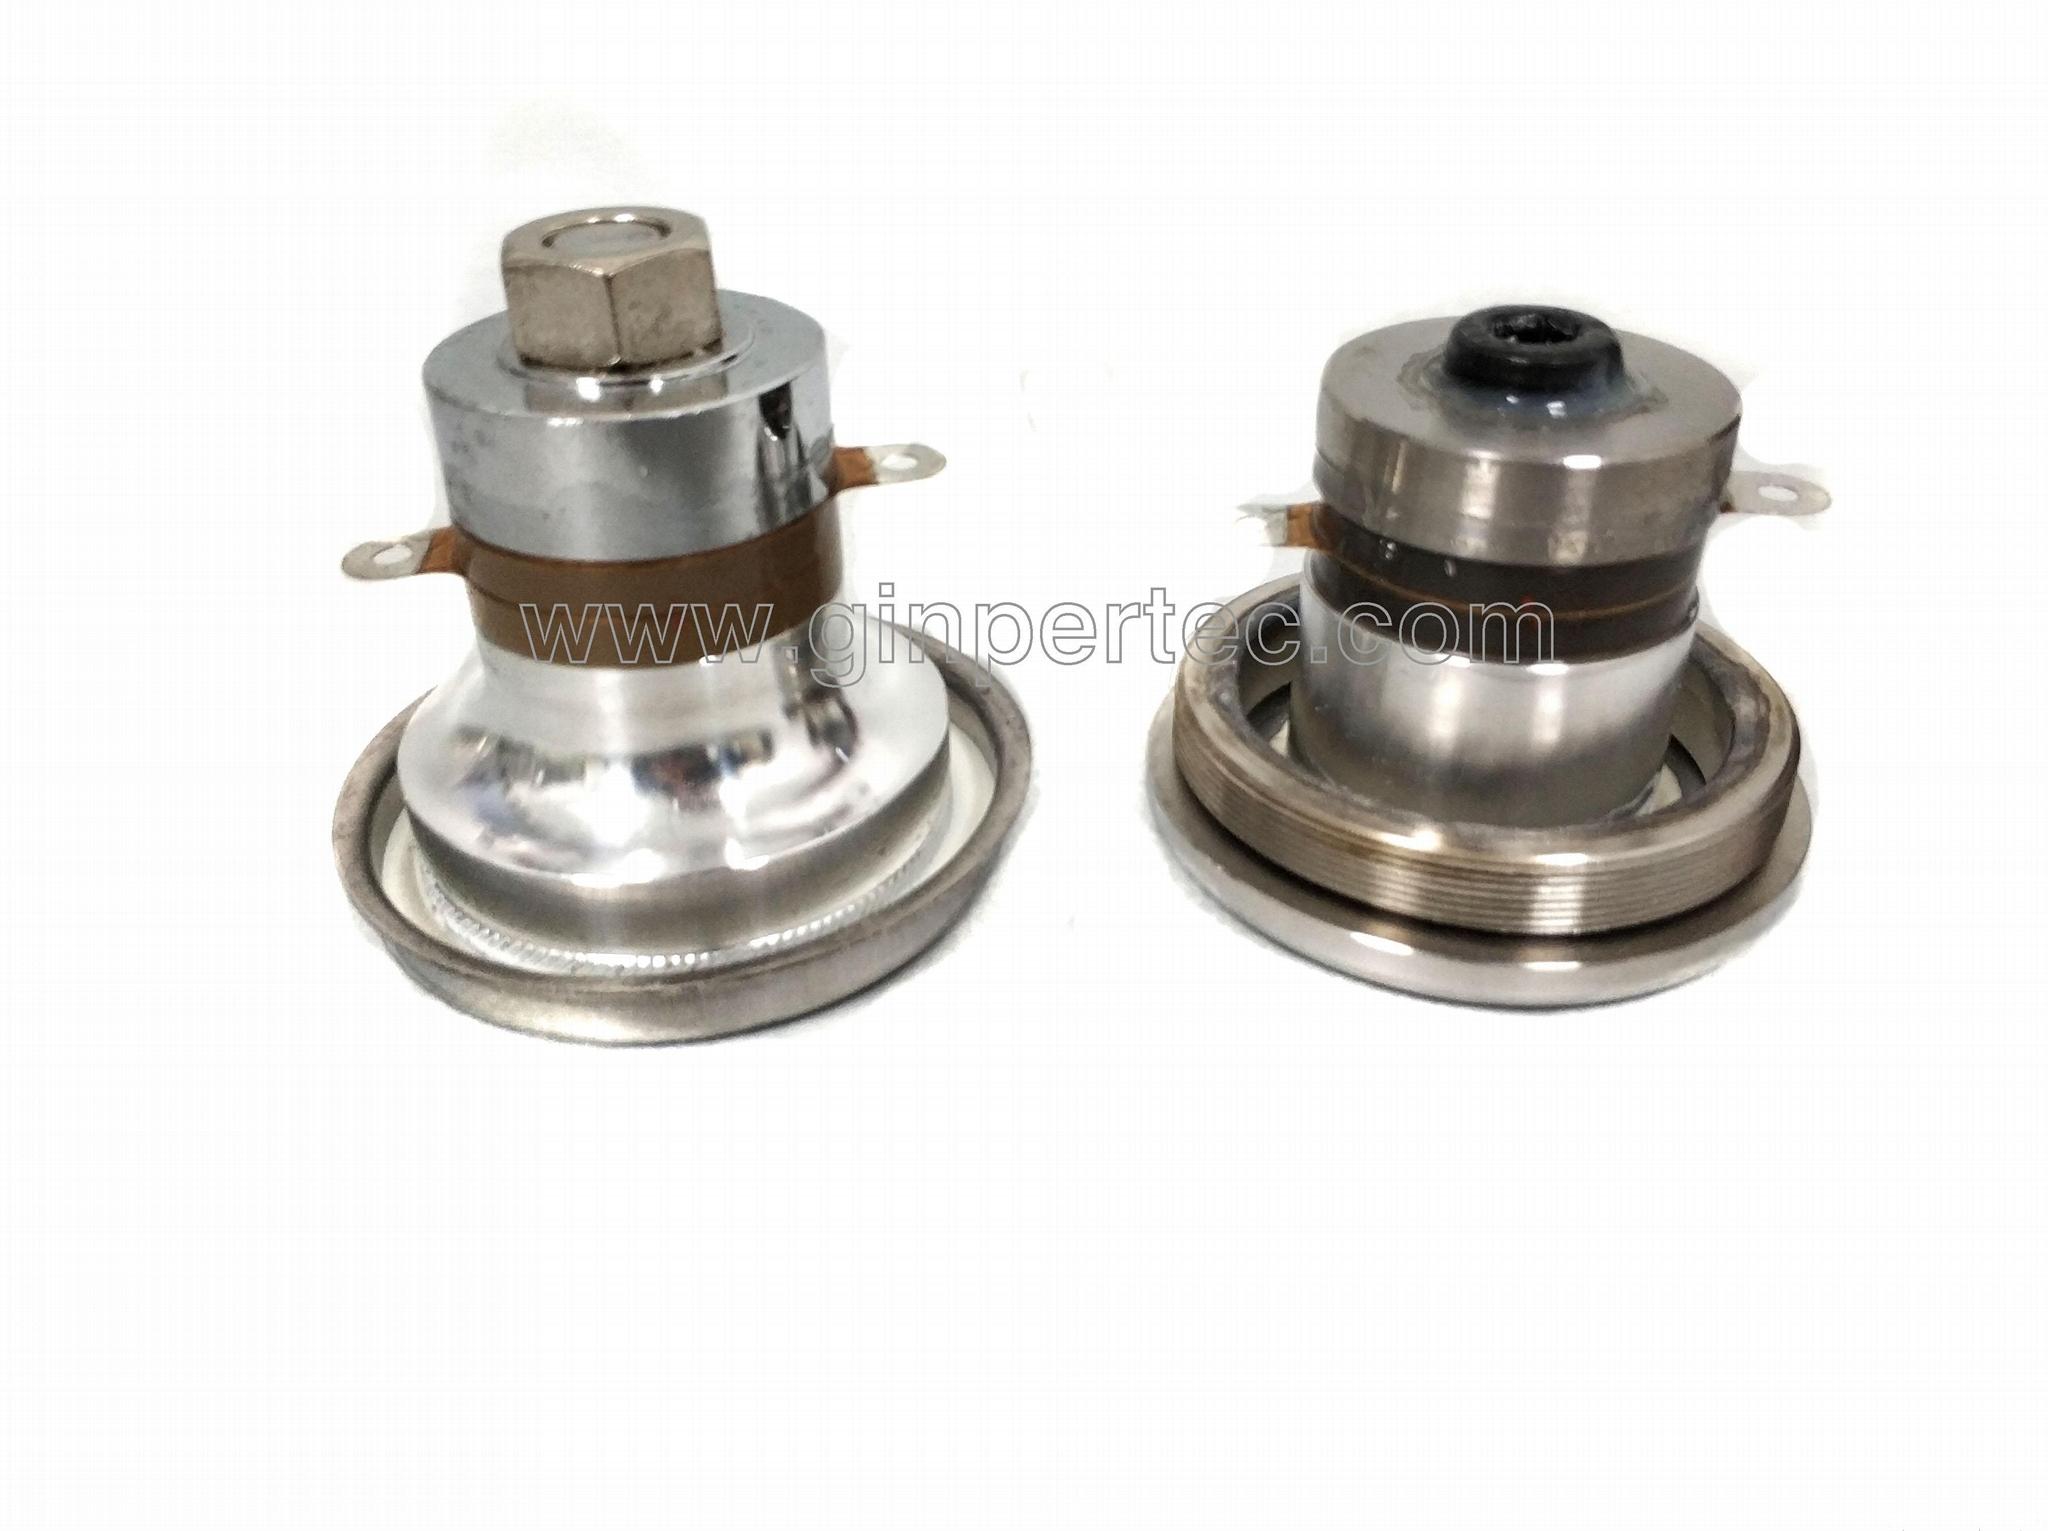 40KHz cavitation transducer